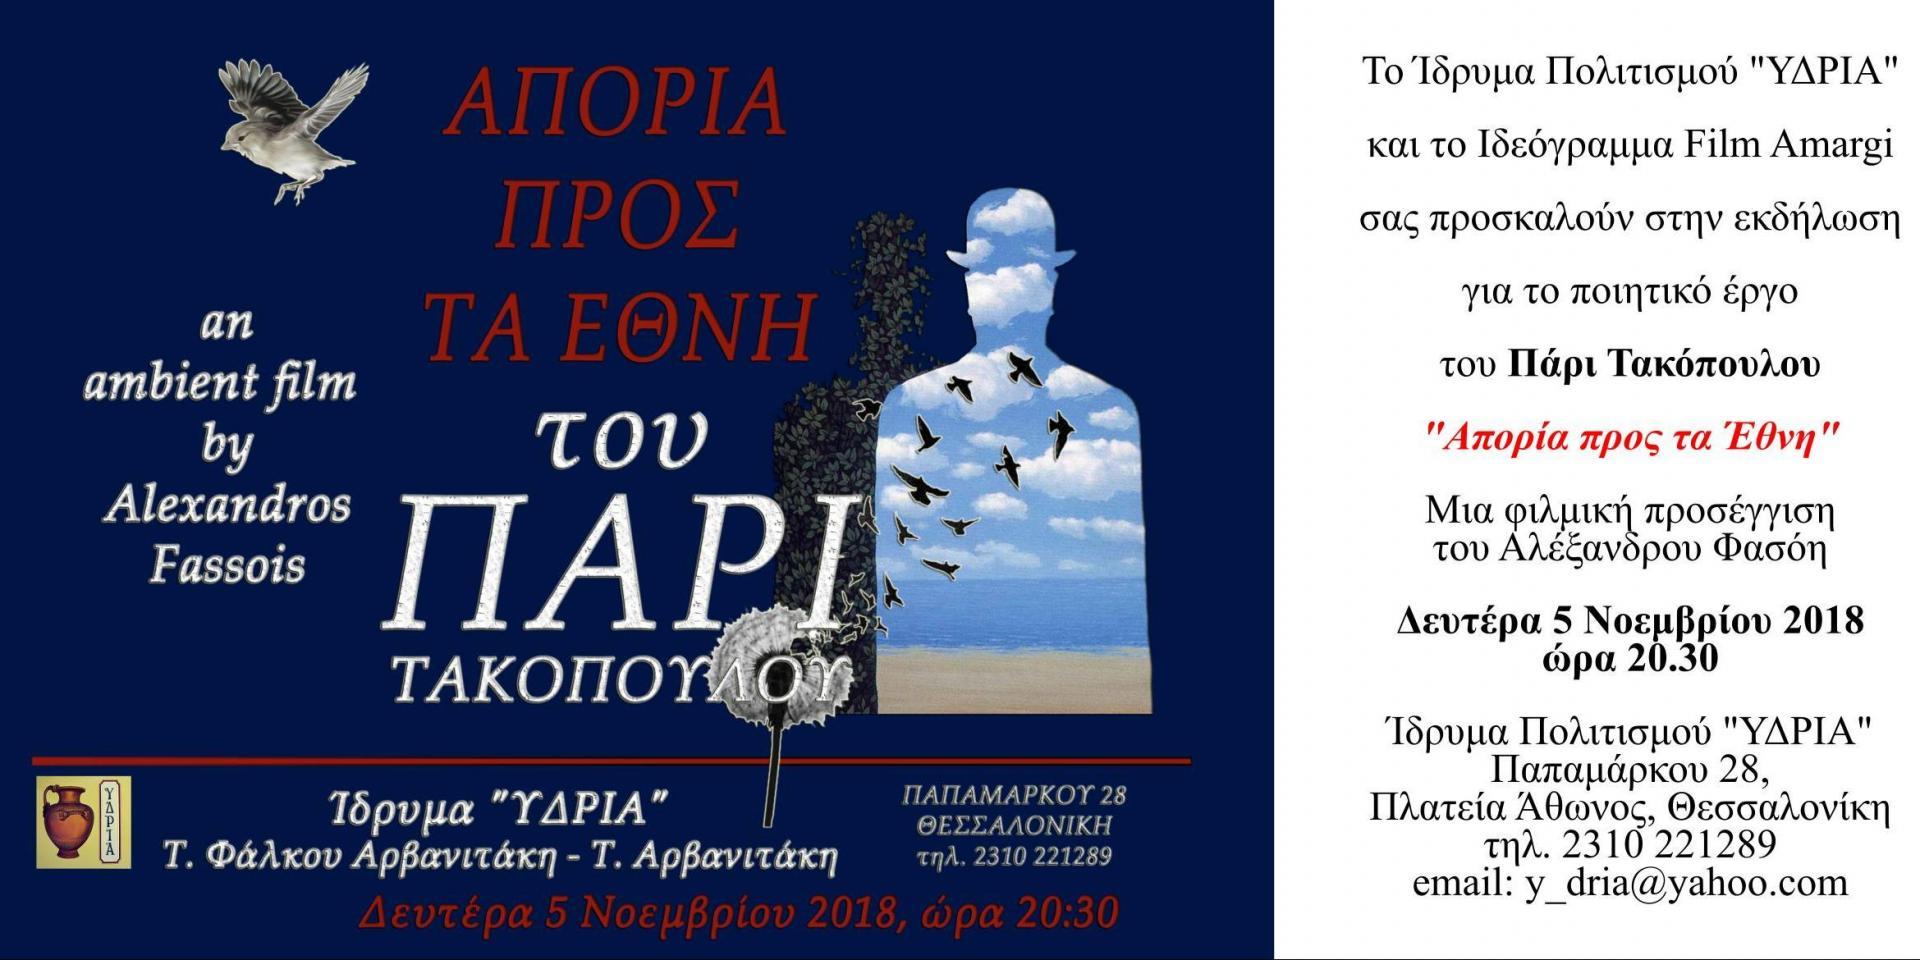 ΕΚΔΗΛΩΣΗ ΑΦΙΕΡΩΜΕΝΗ στο ποιητικό έργο του ΠΑΡΙ ΤΑΚΟΠΟΥΛΟΥ, στο ΙΔΡΥΜΑ ΥΔΡΙΑ